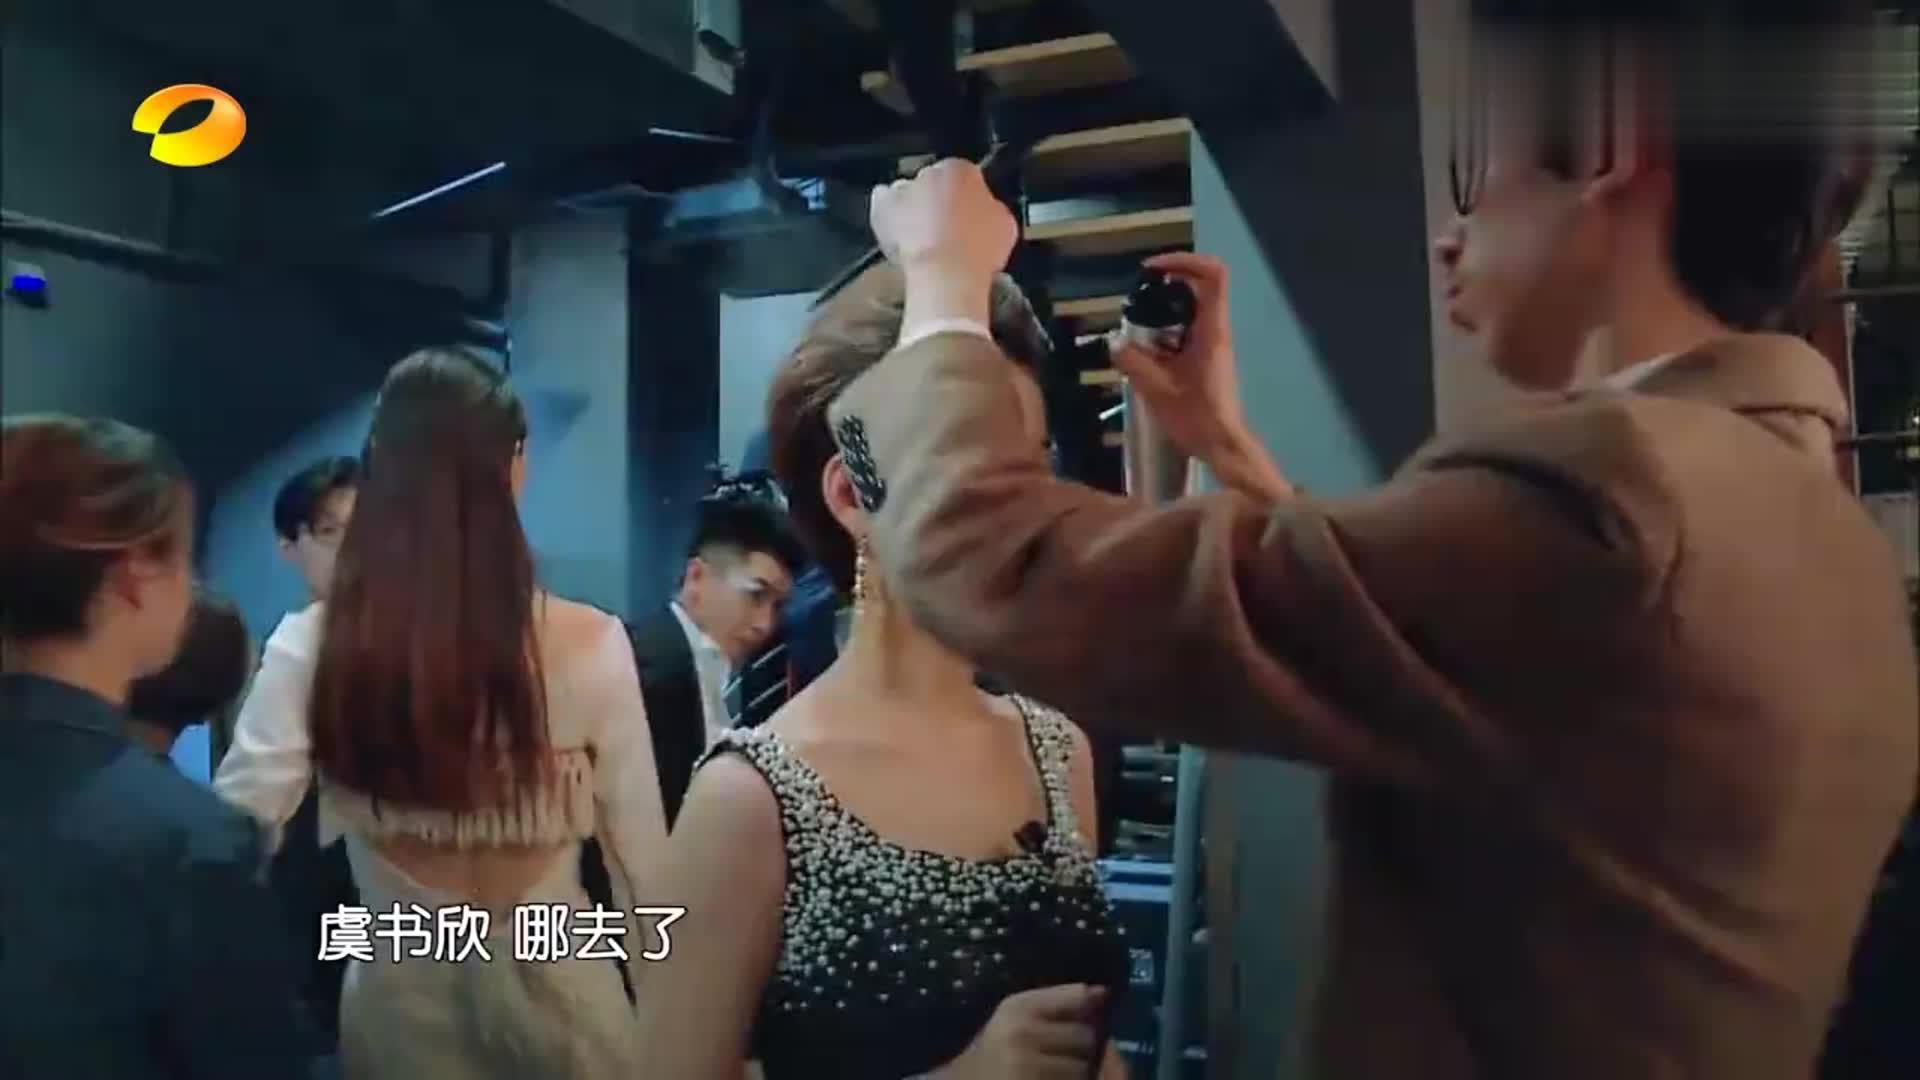 虞书欣真是逗比,T台走秀到她就画风突变,陈建斌看得满脸问号!